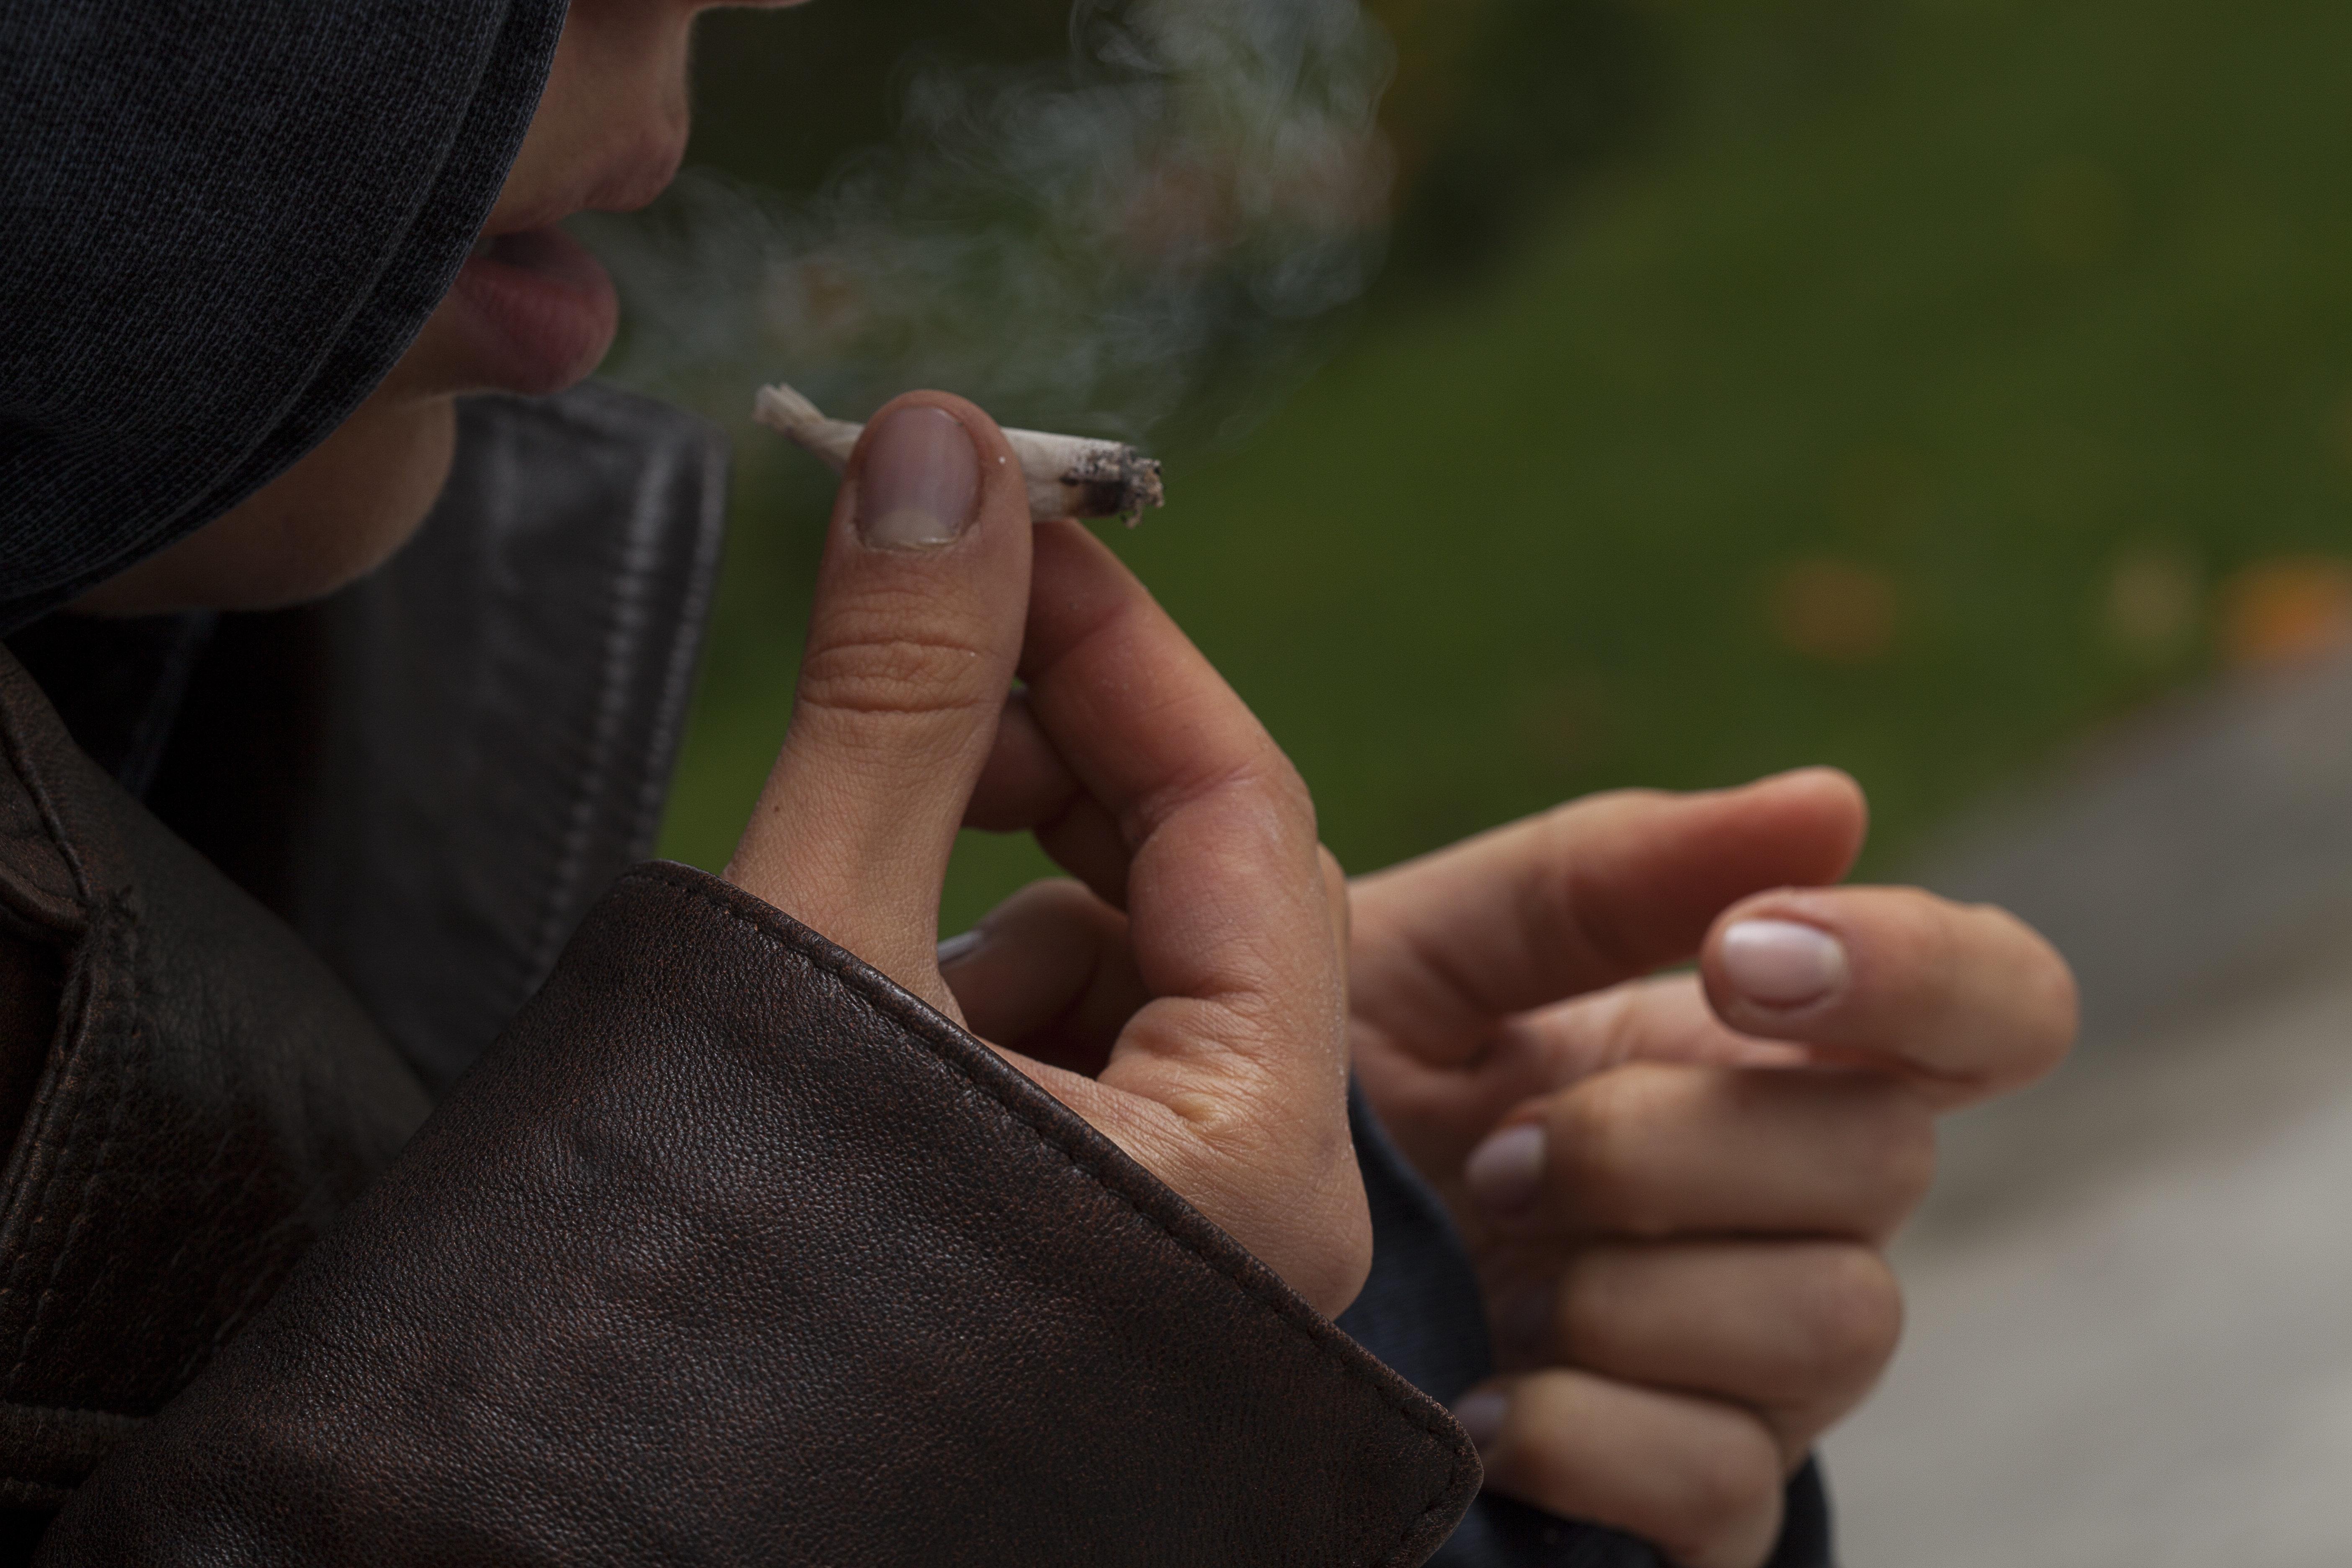 Tunisie: Près d'un tiers des lycéens ont consommé un stupéfiant au moins une fois dans leur